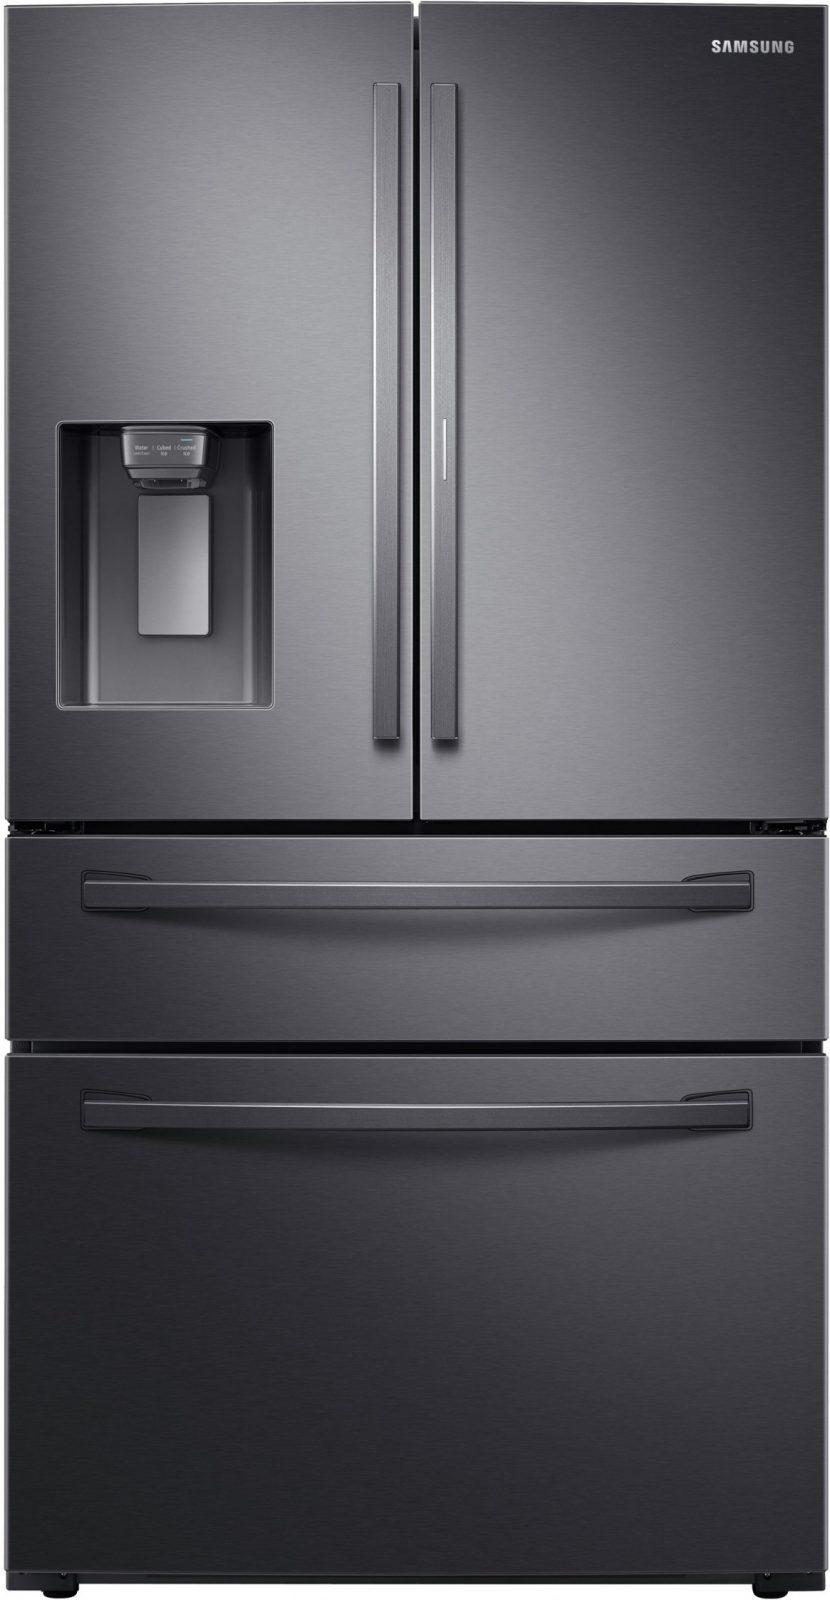 Samsung Refrigerators von Side By Side Samsung Schwarz Bild